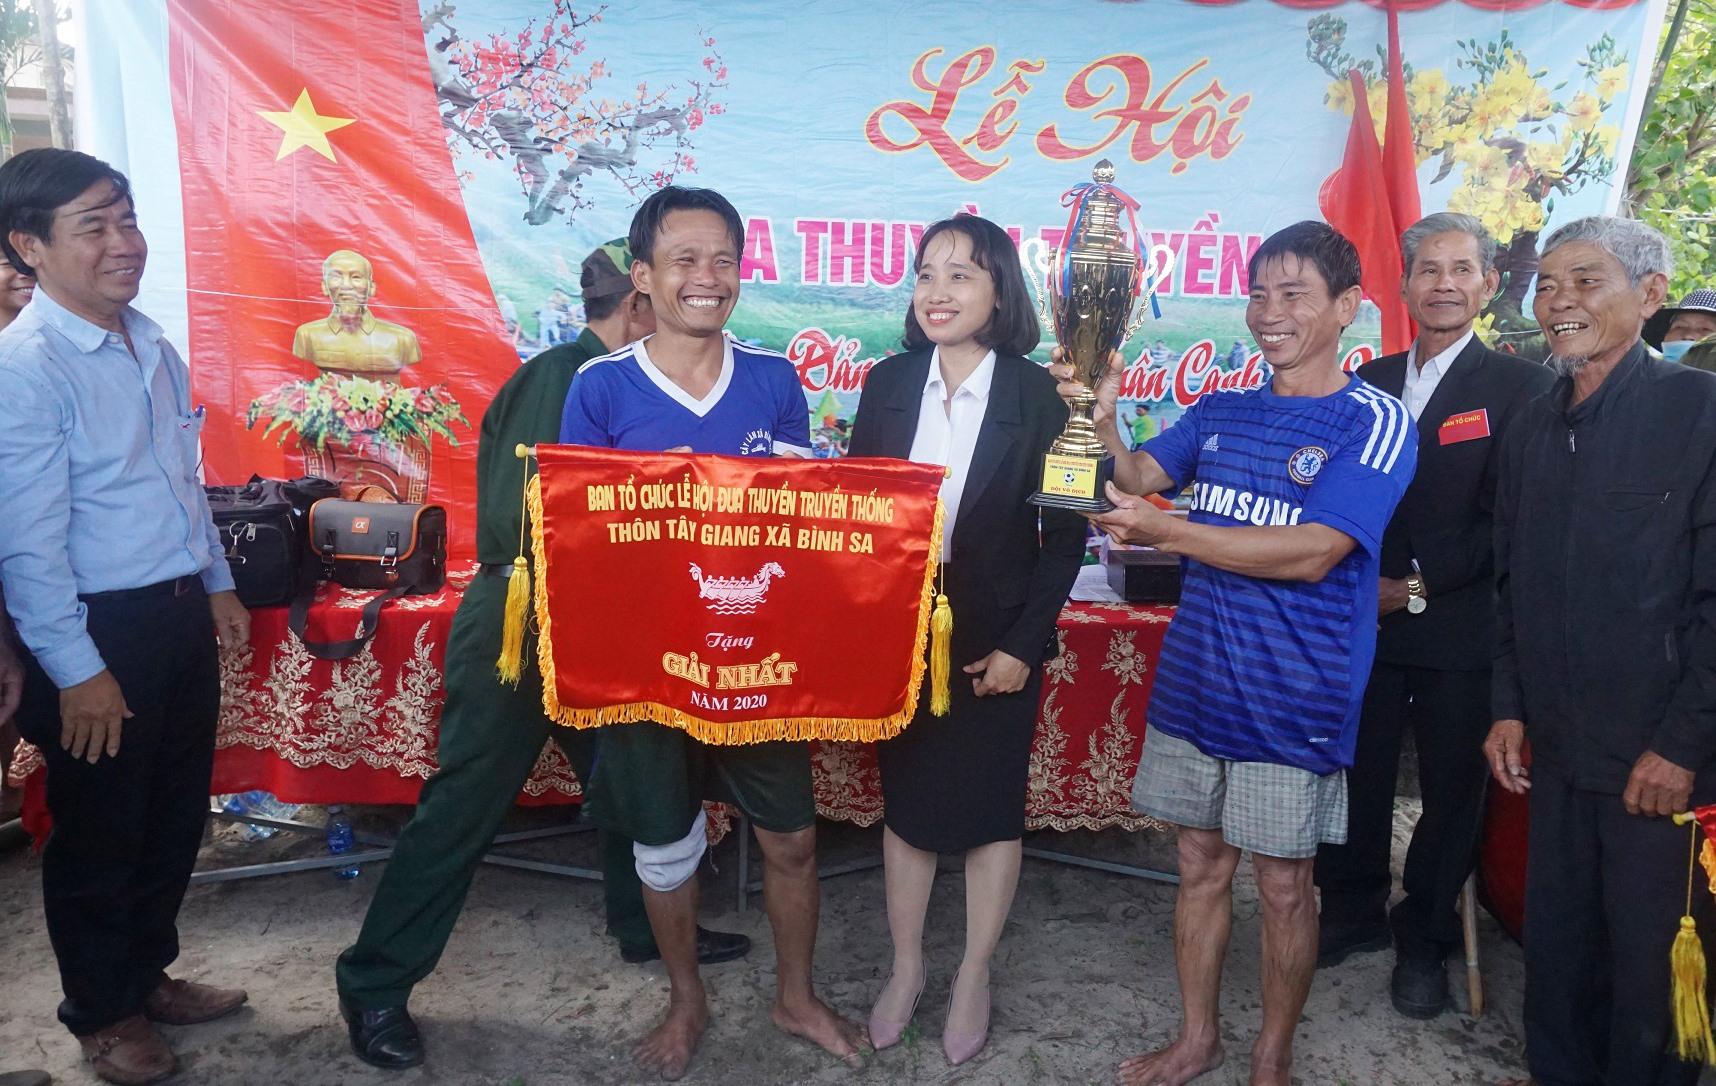 Ban tổ chức giải trao cúp vô địch cho đội thuyền đua xã Bình Đào. Ảnh: BIÊN THỰC